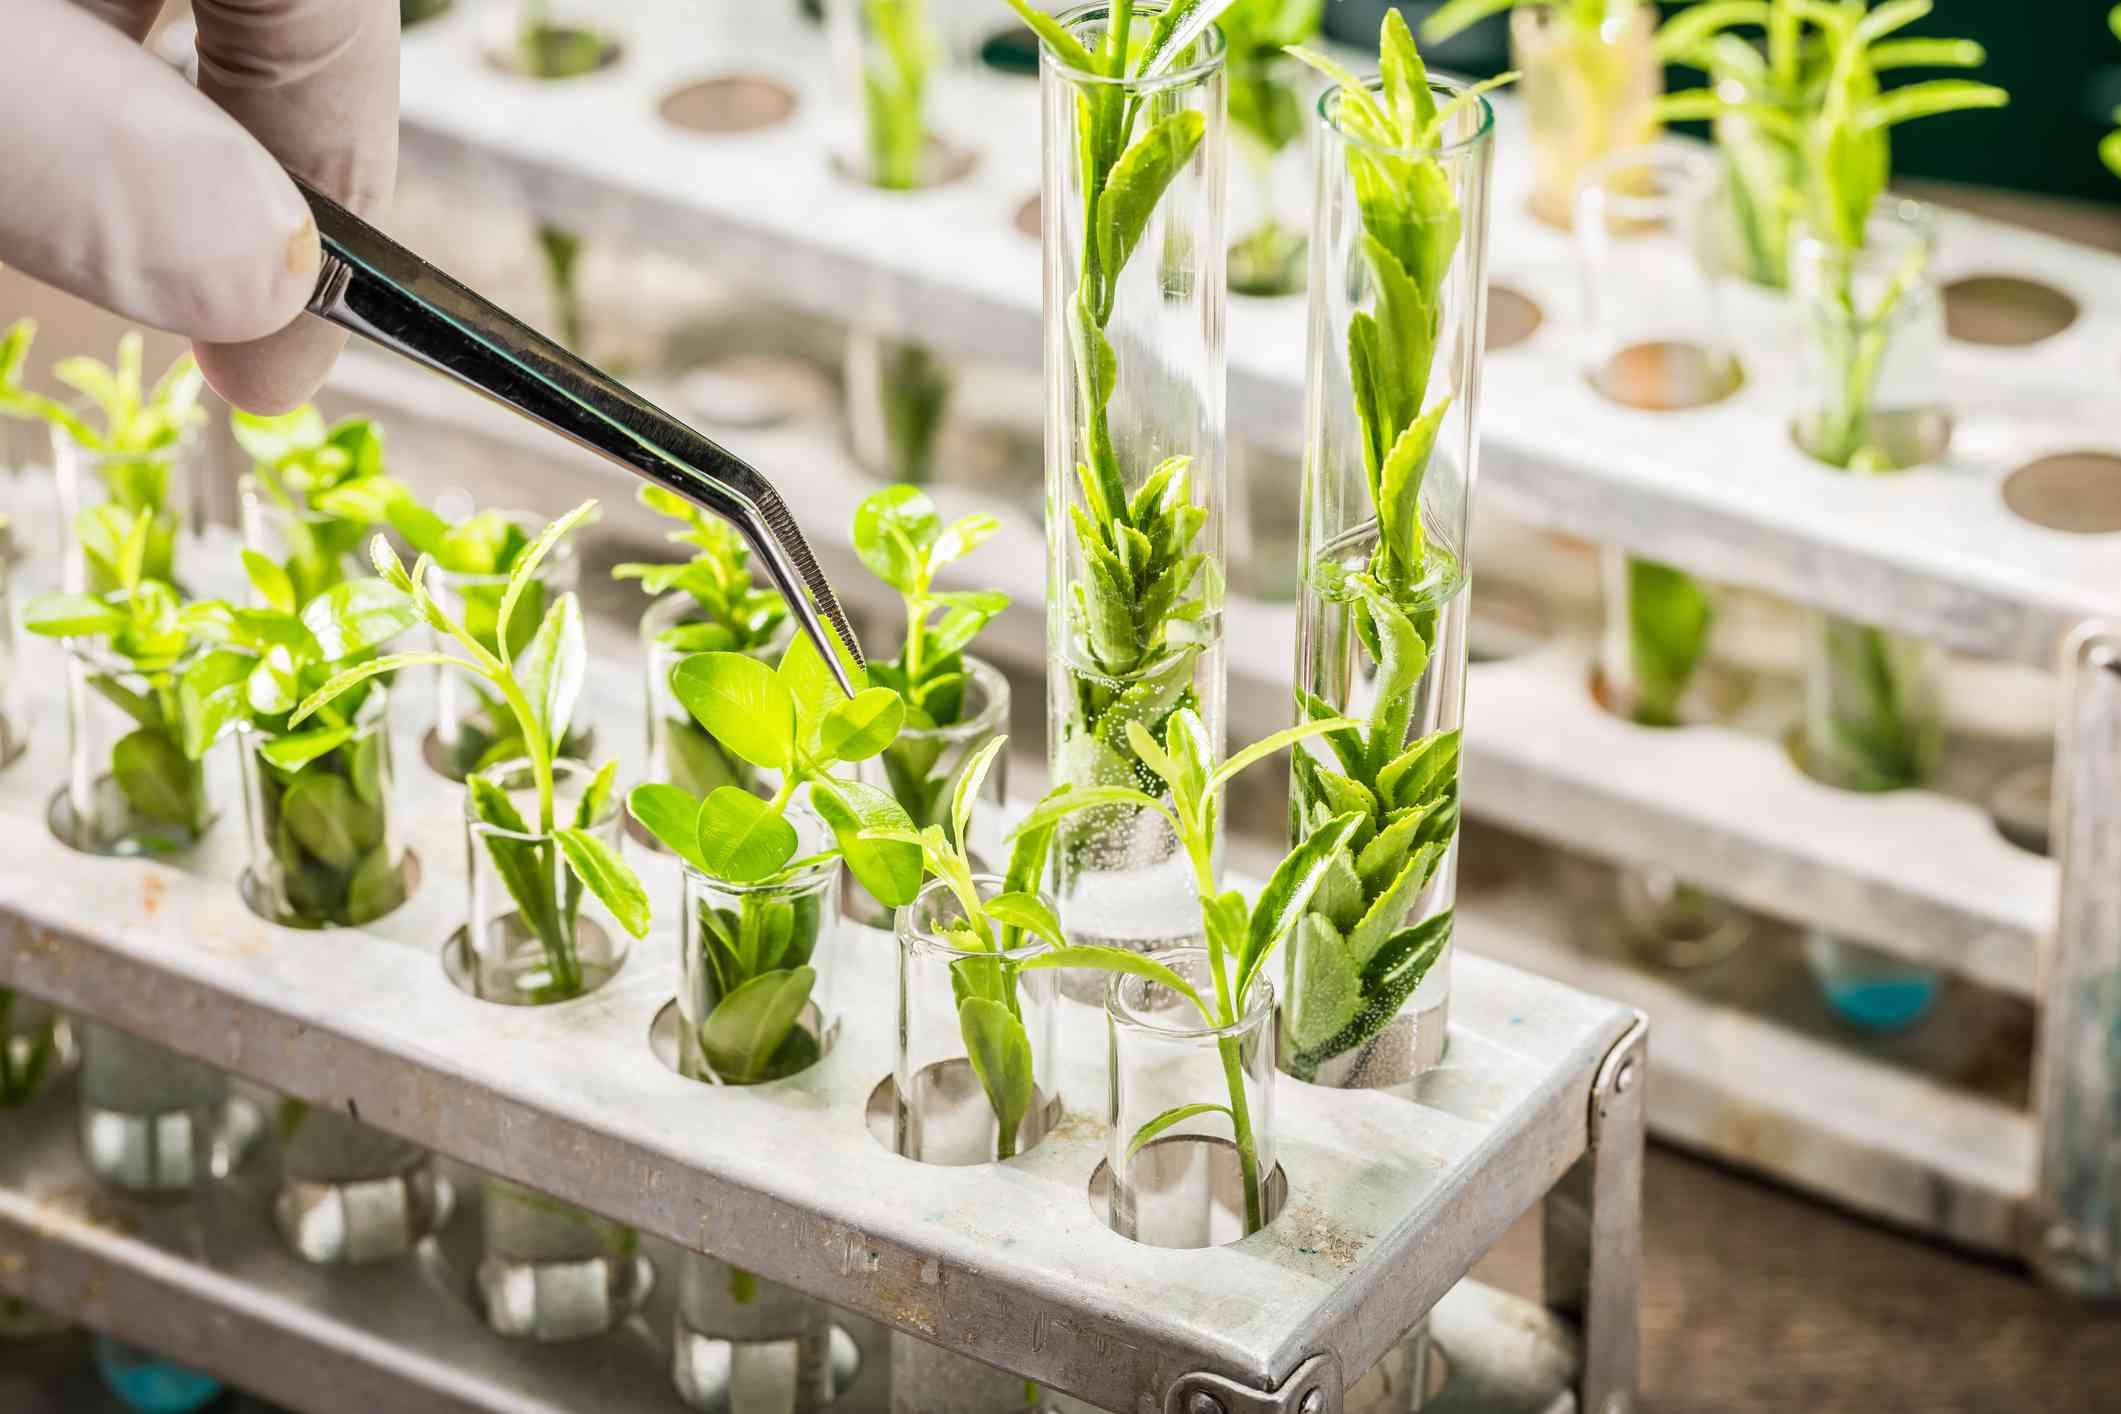 School lab exploring new methods of plant breeding - stock photo